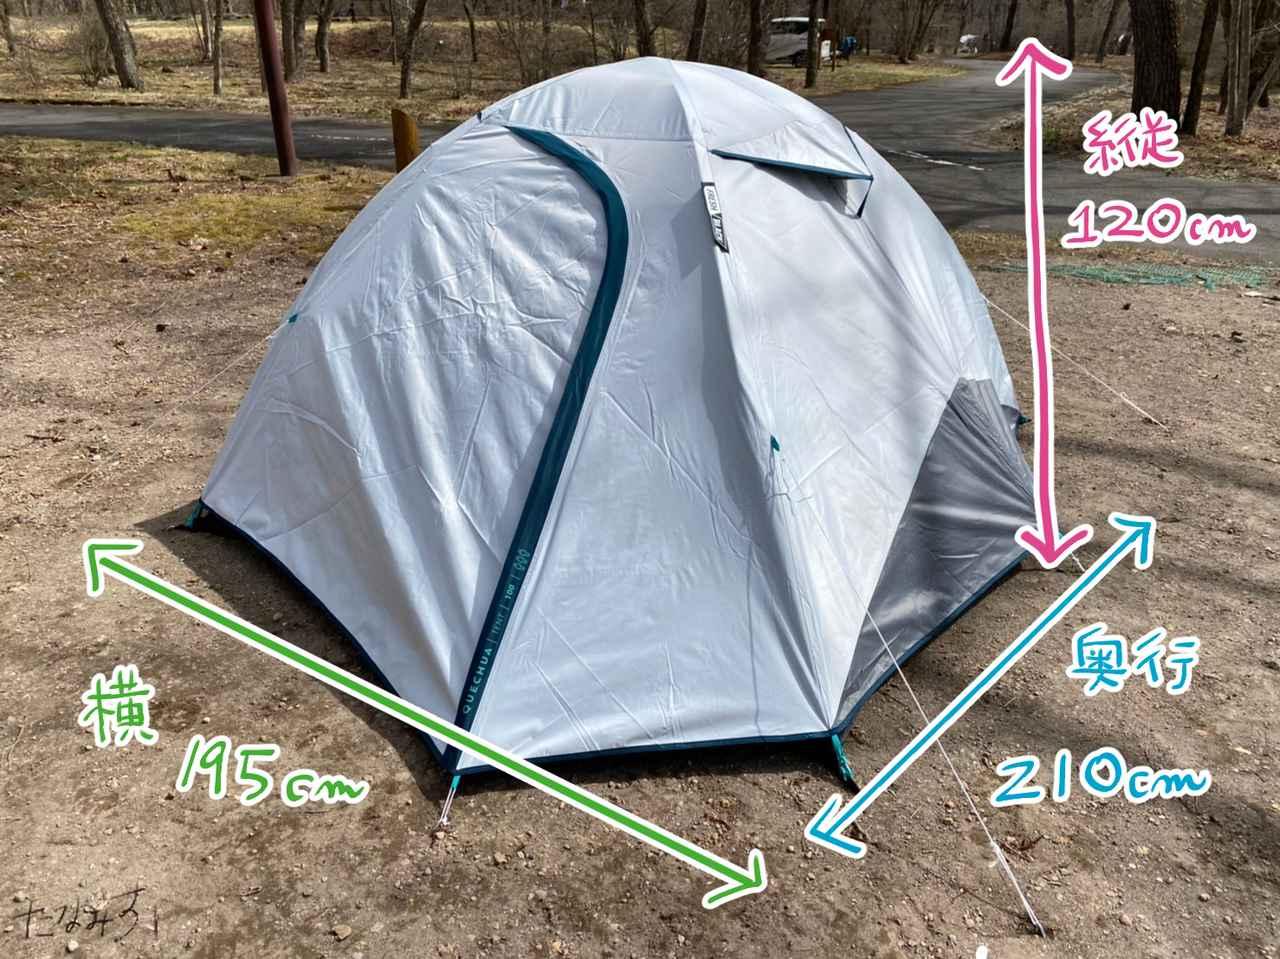 画像: テントのサイズは2人なら広々!靴が置けるちょっとした前室付き